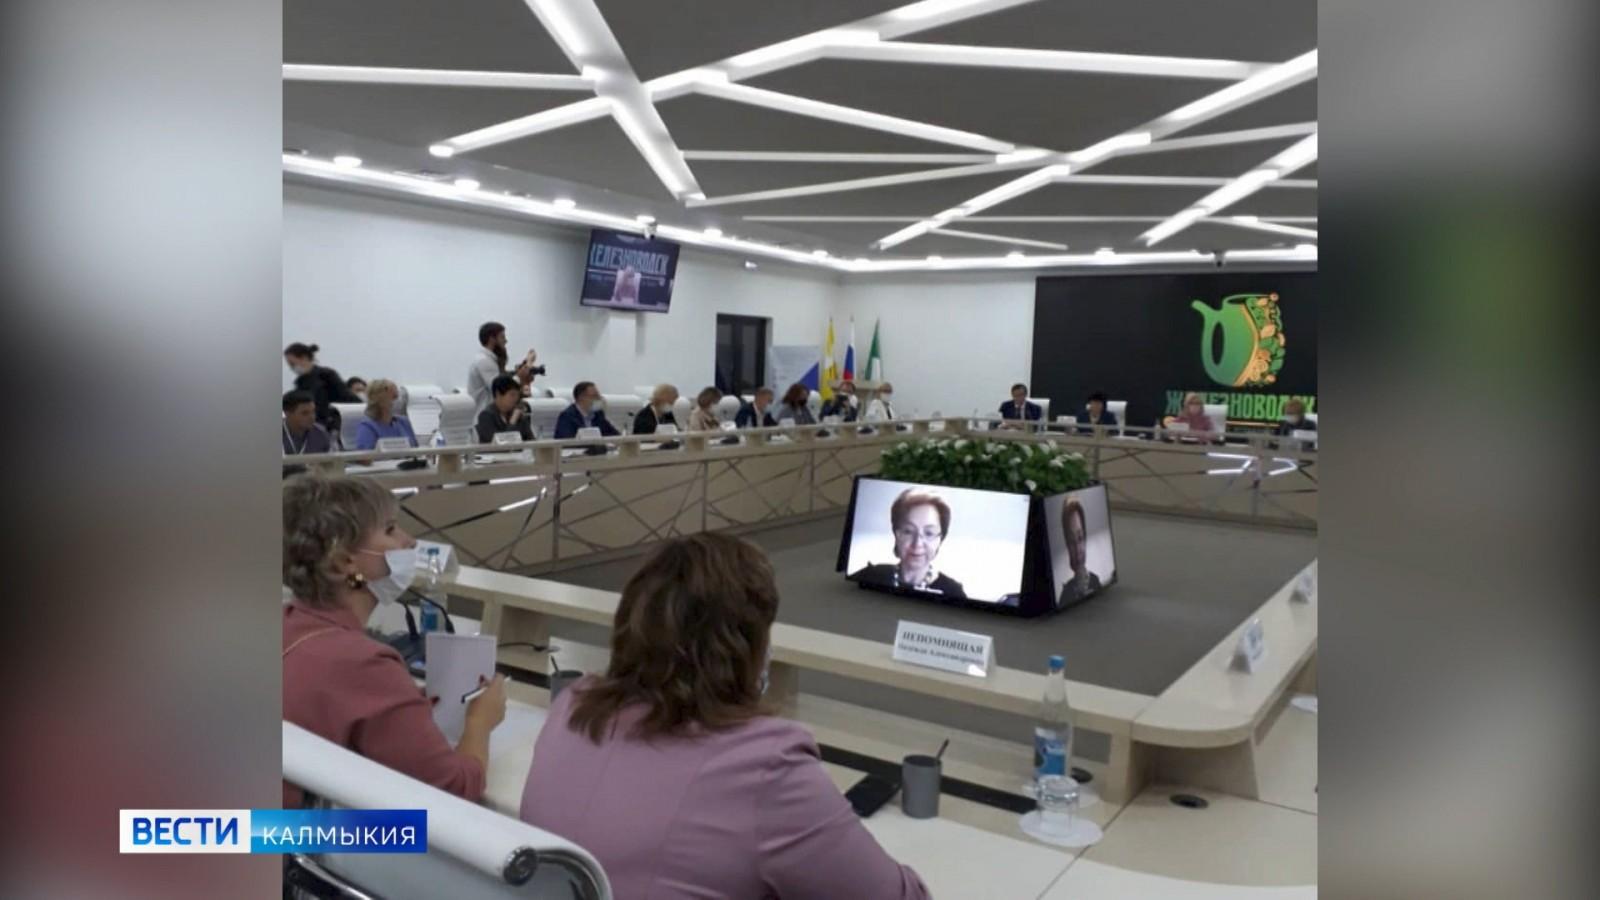 В Пятигорске состоялся III Всероссийский съезд руководителей клубных учреждений